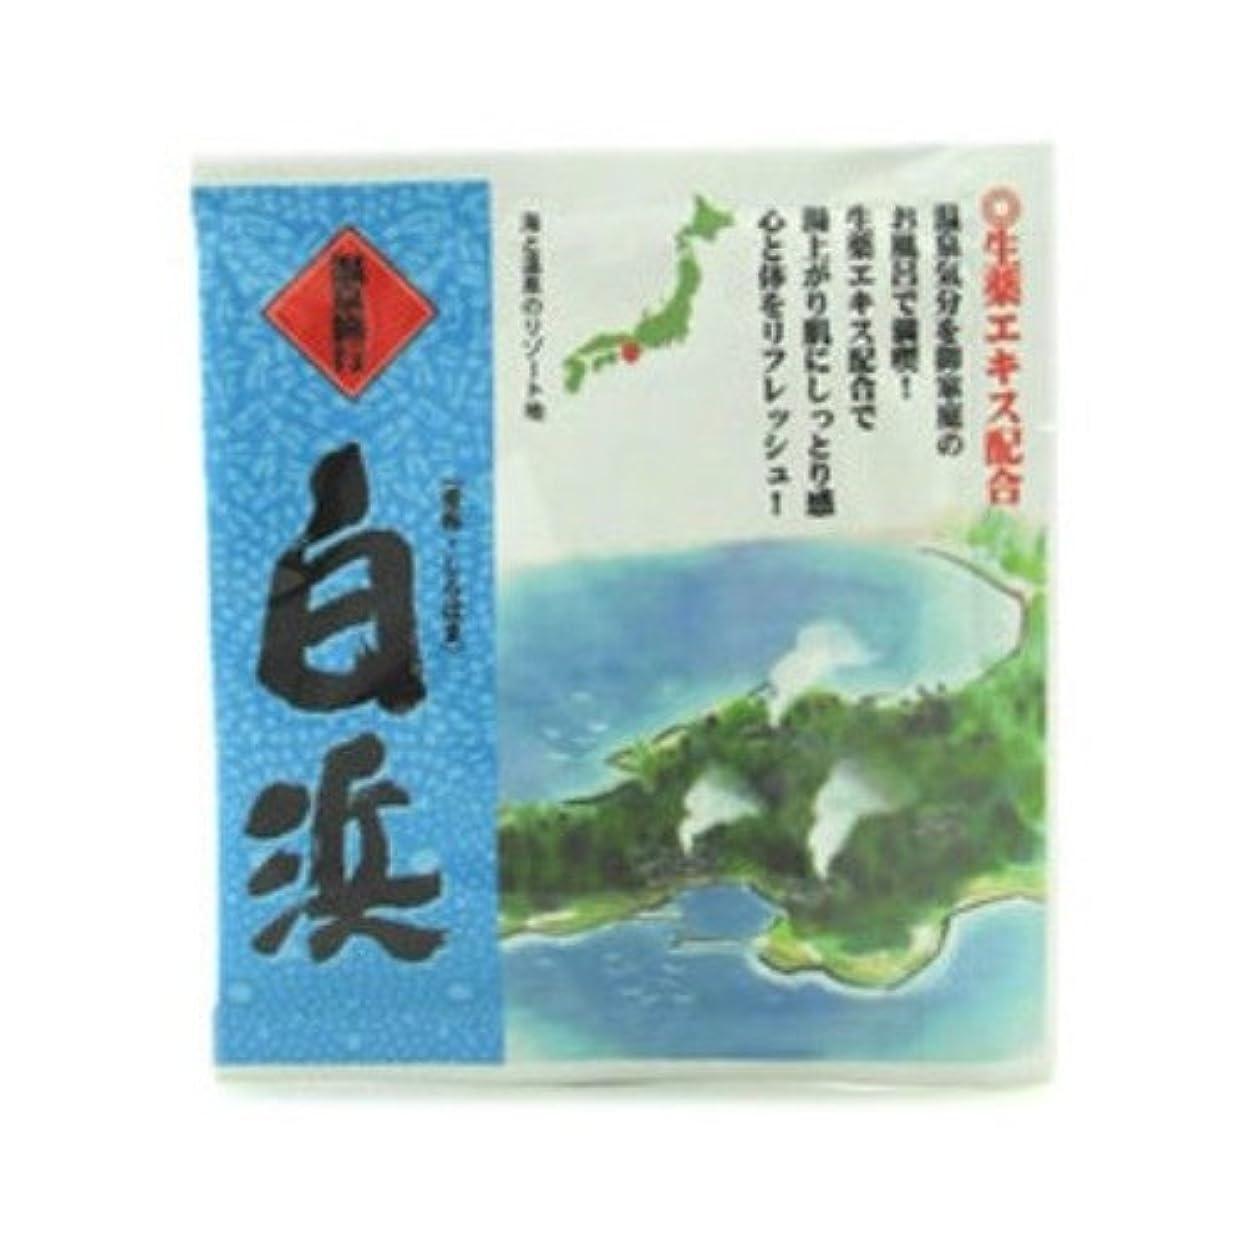 恵みラインナップスイ五洲薬品 温泉旅行 白浜 25g 4987332128205